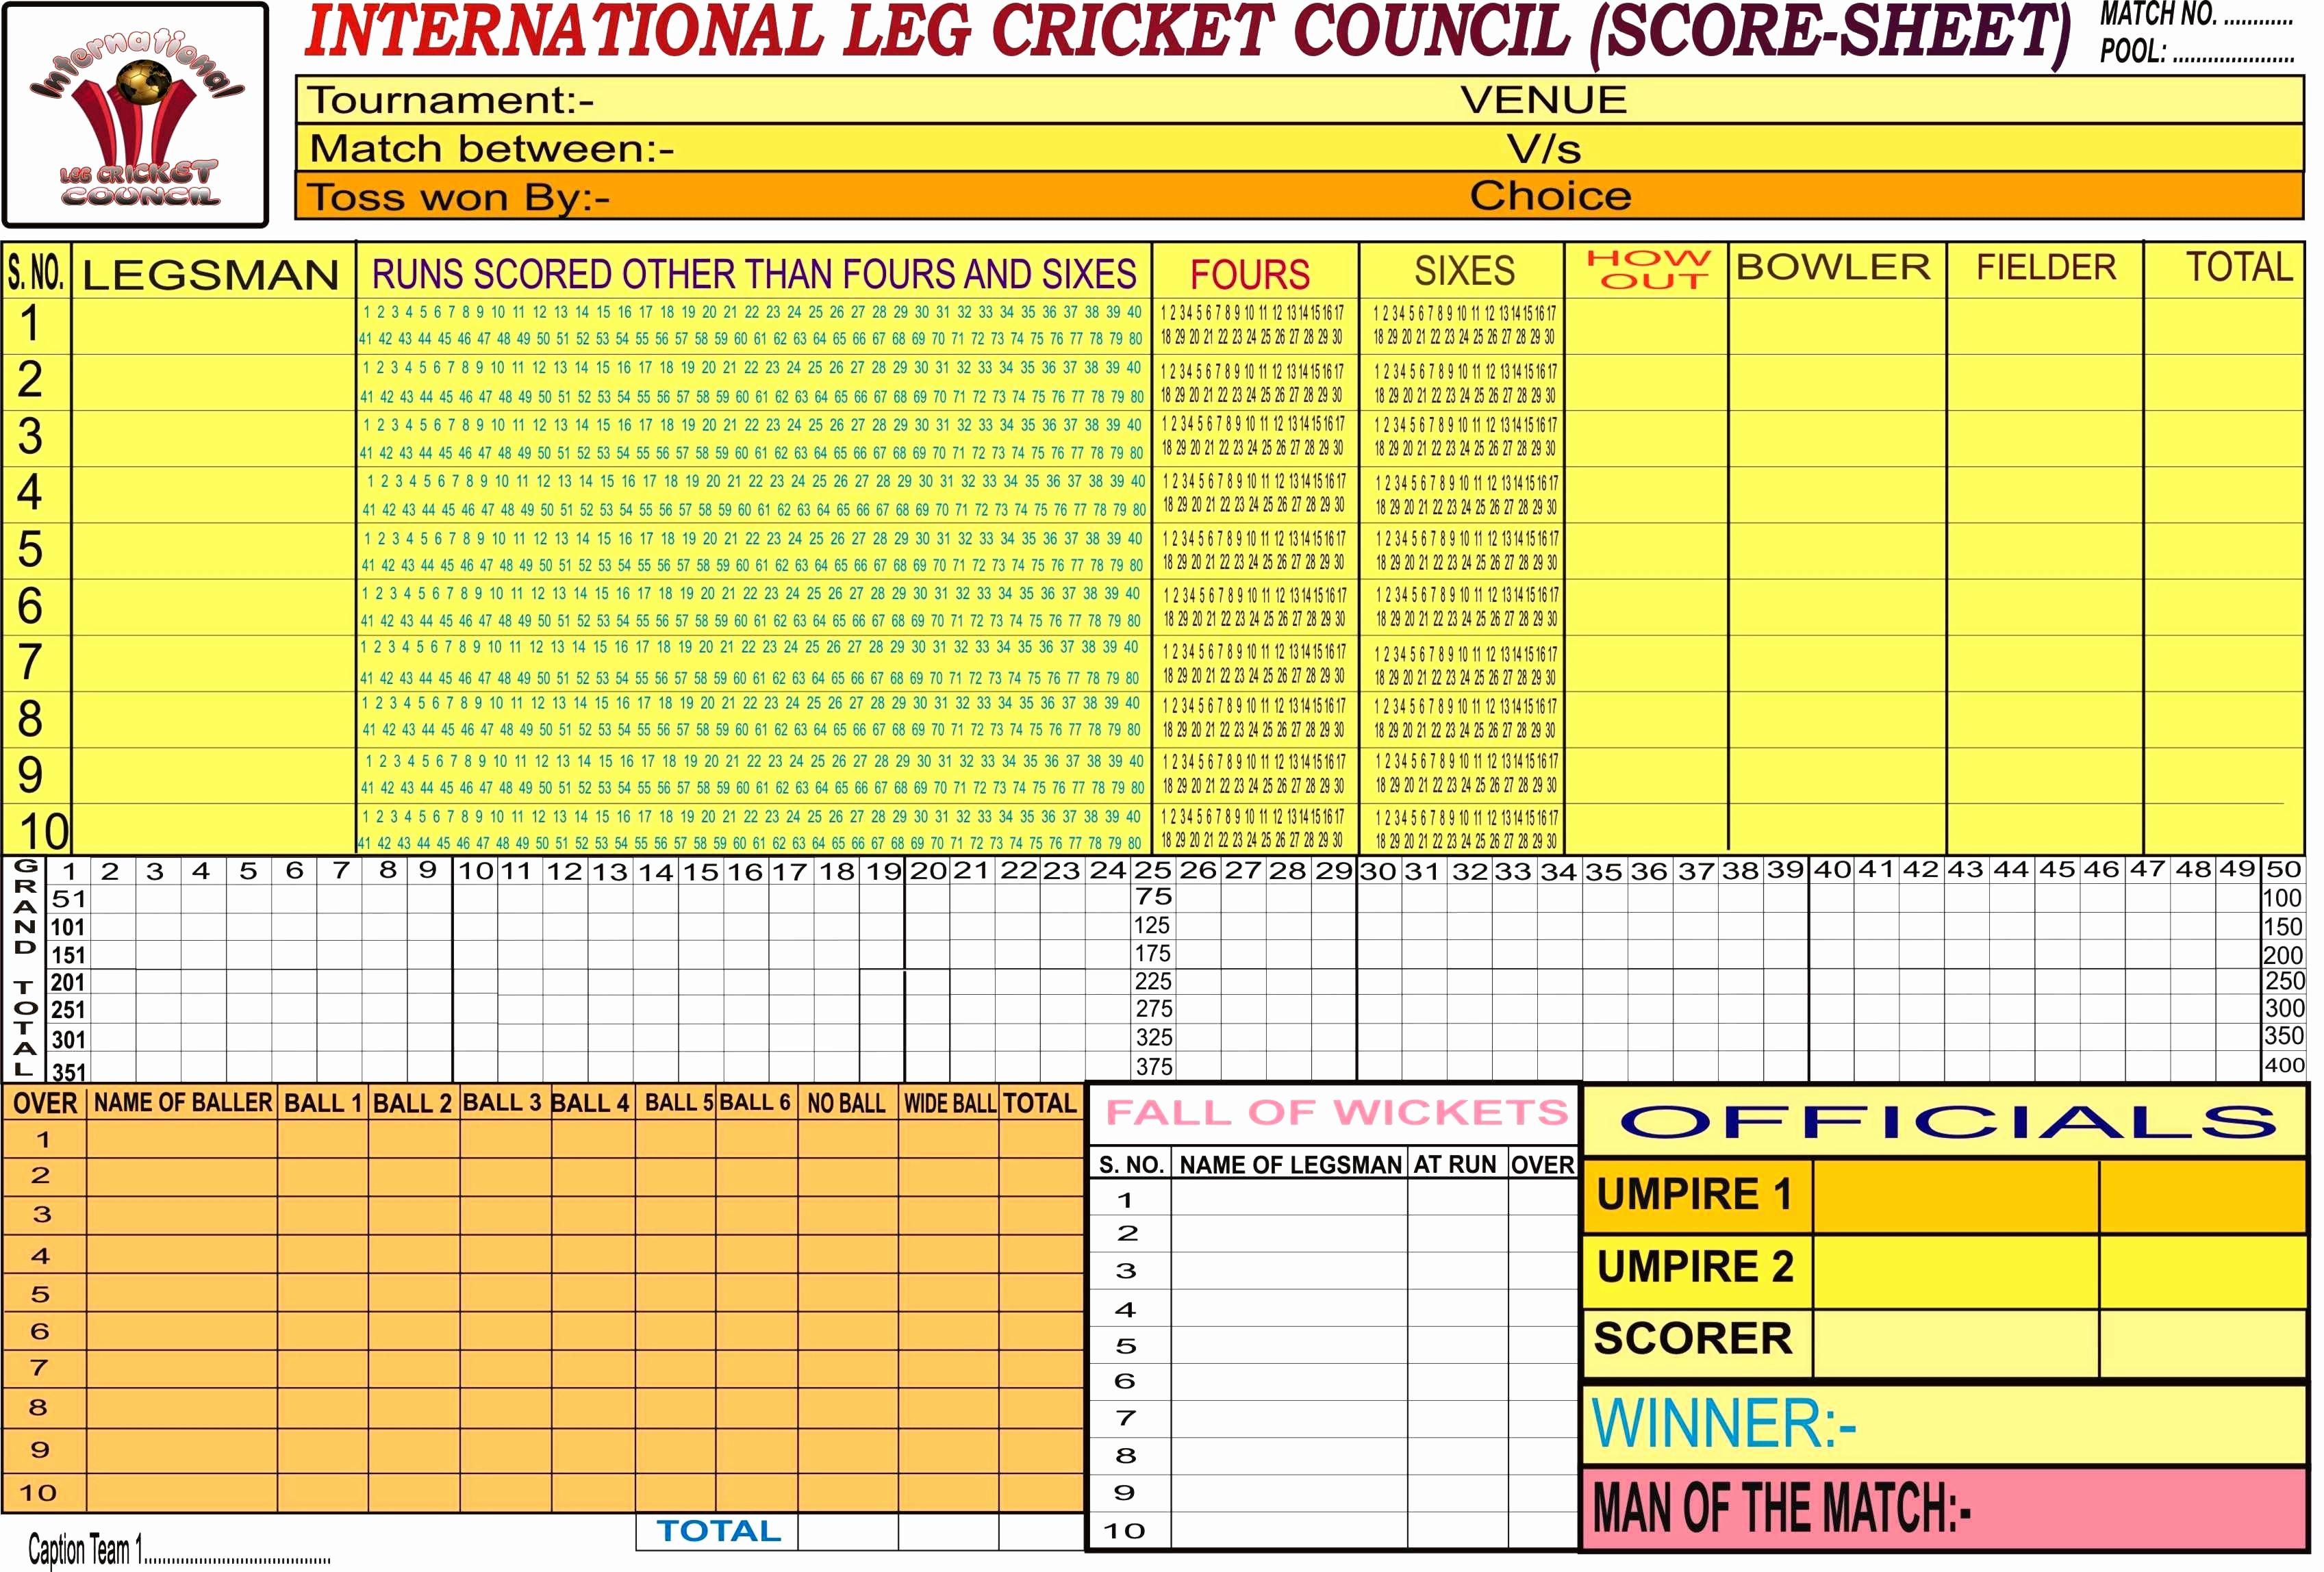 Golf Stat Spreadsheet Beautiful Groß Golf Scorecard Vorlage Galerie Intended For Golf Stat Tracker Spreadsheet